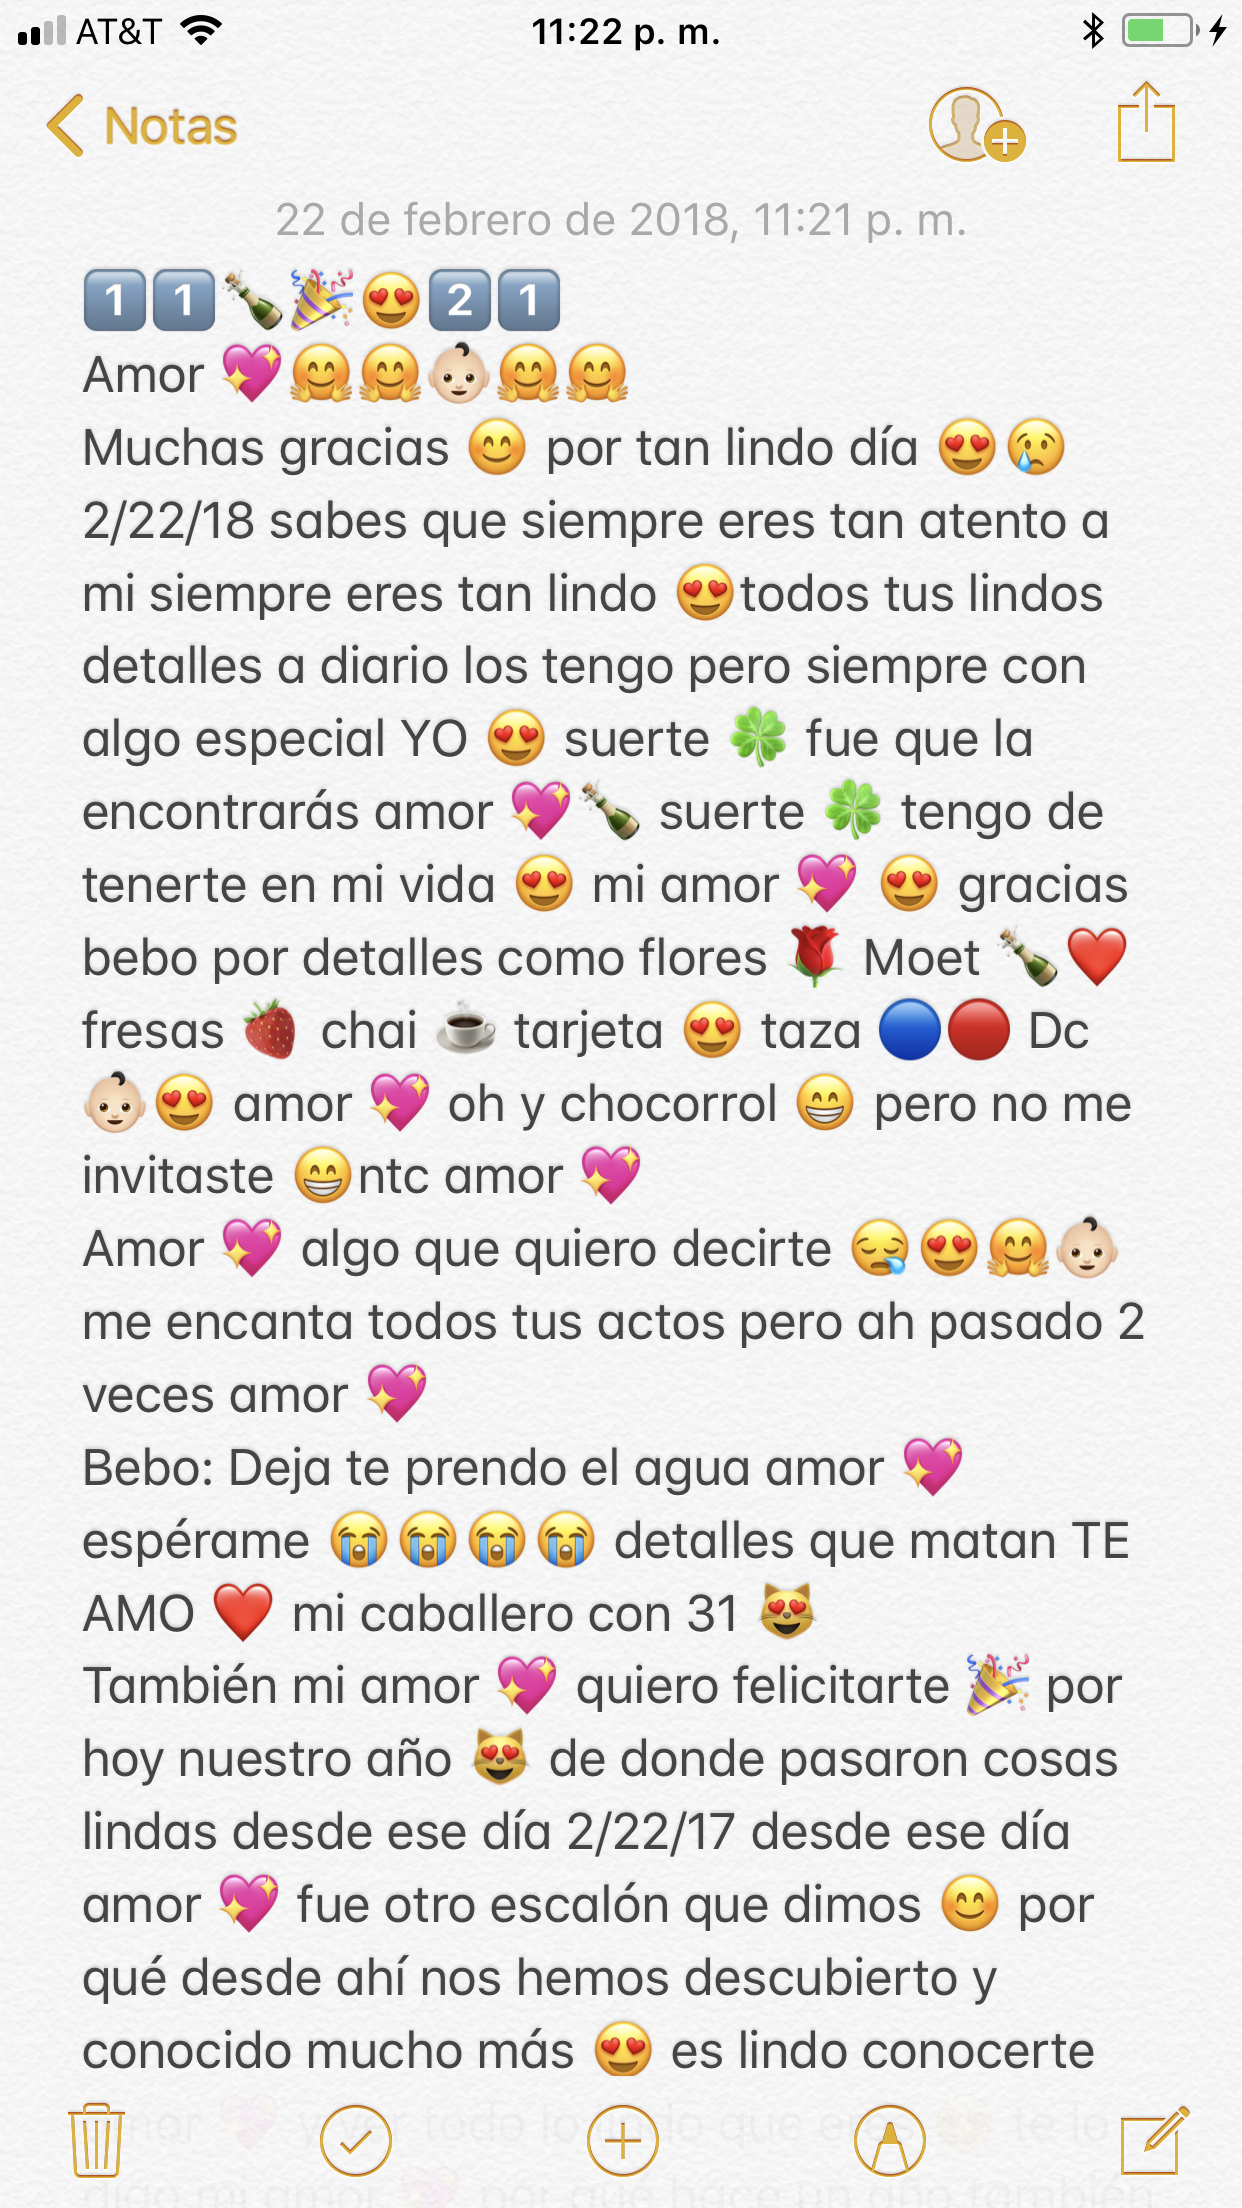 2 2 2 Te Amo Te Amo Mucho Mi Amor Mensajes De Texto Bonitos Frases De Te Amo Mensajes De Texto De Amor